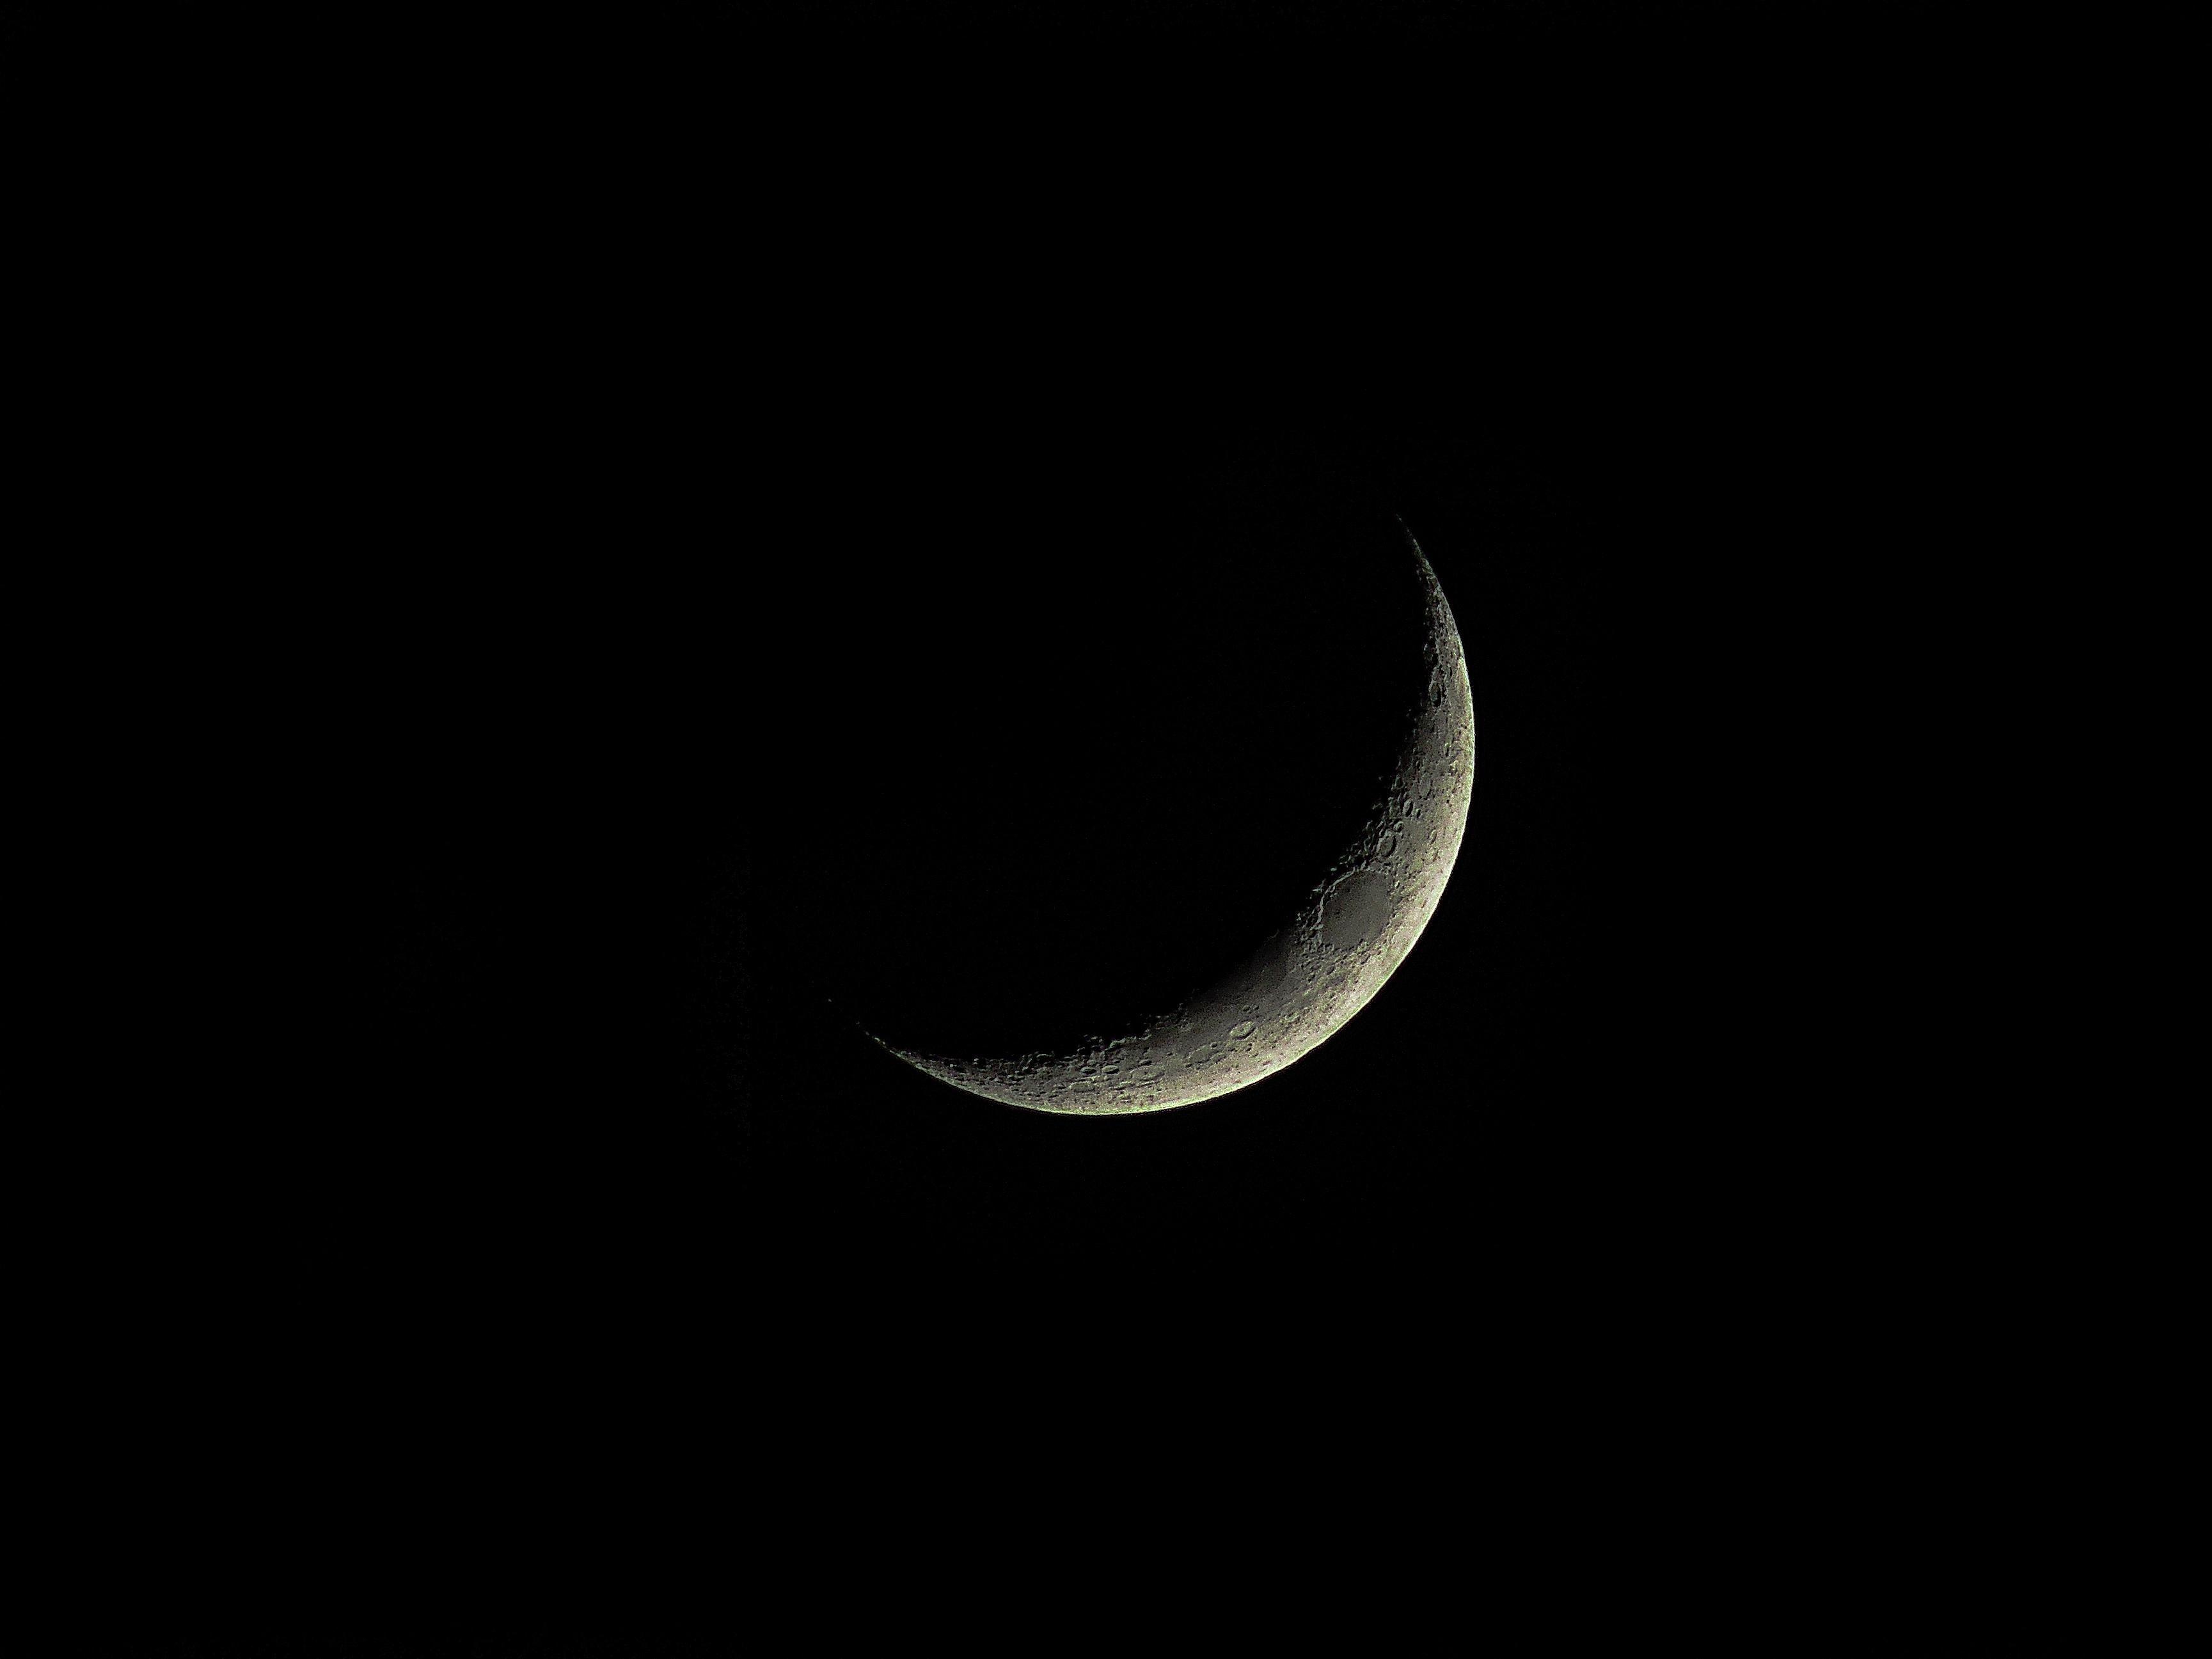 crescent moon wallpaper wwwpixsharkcom images